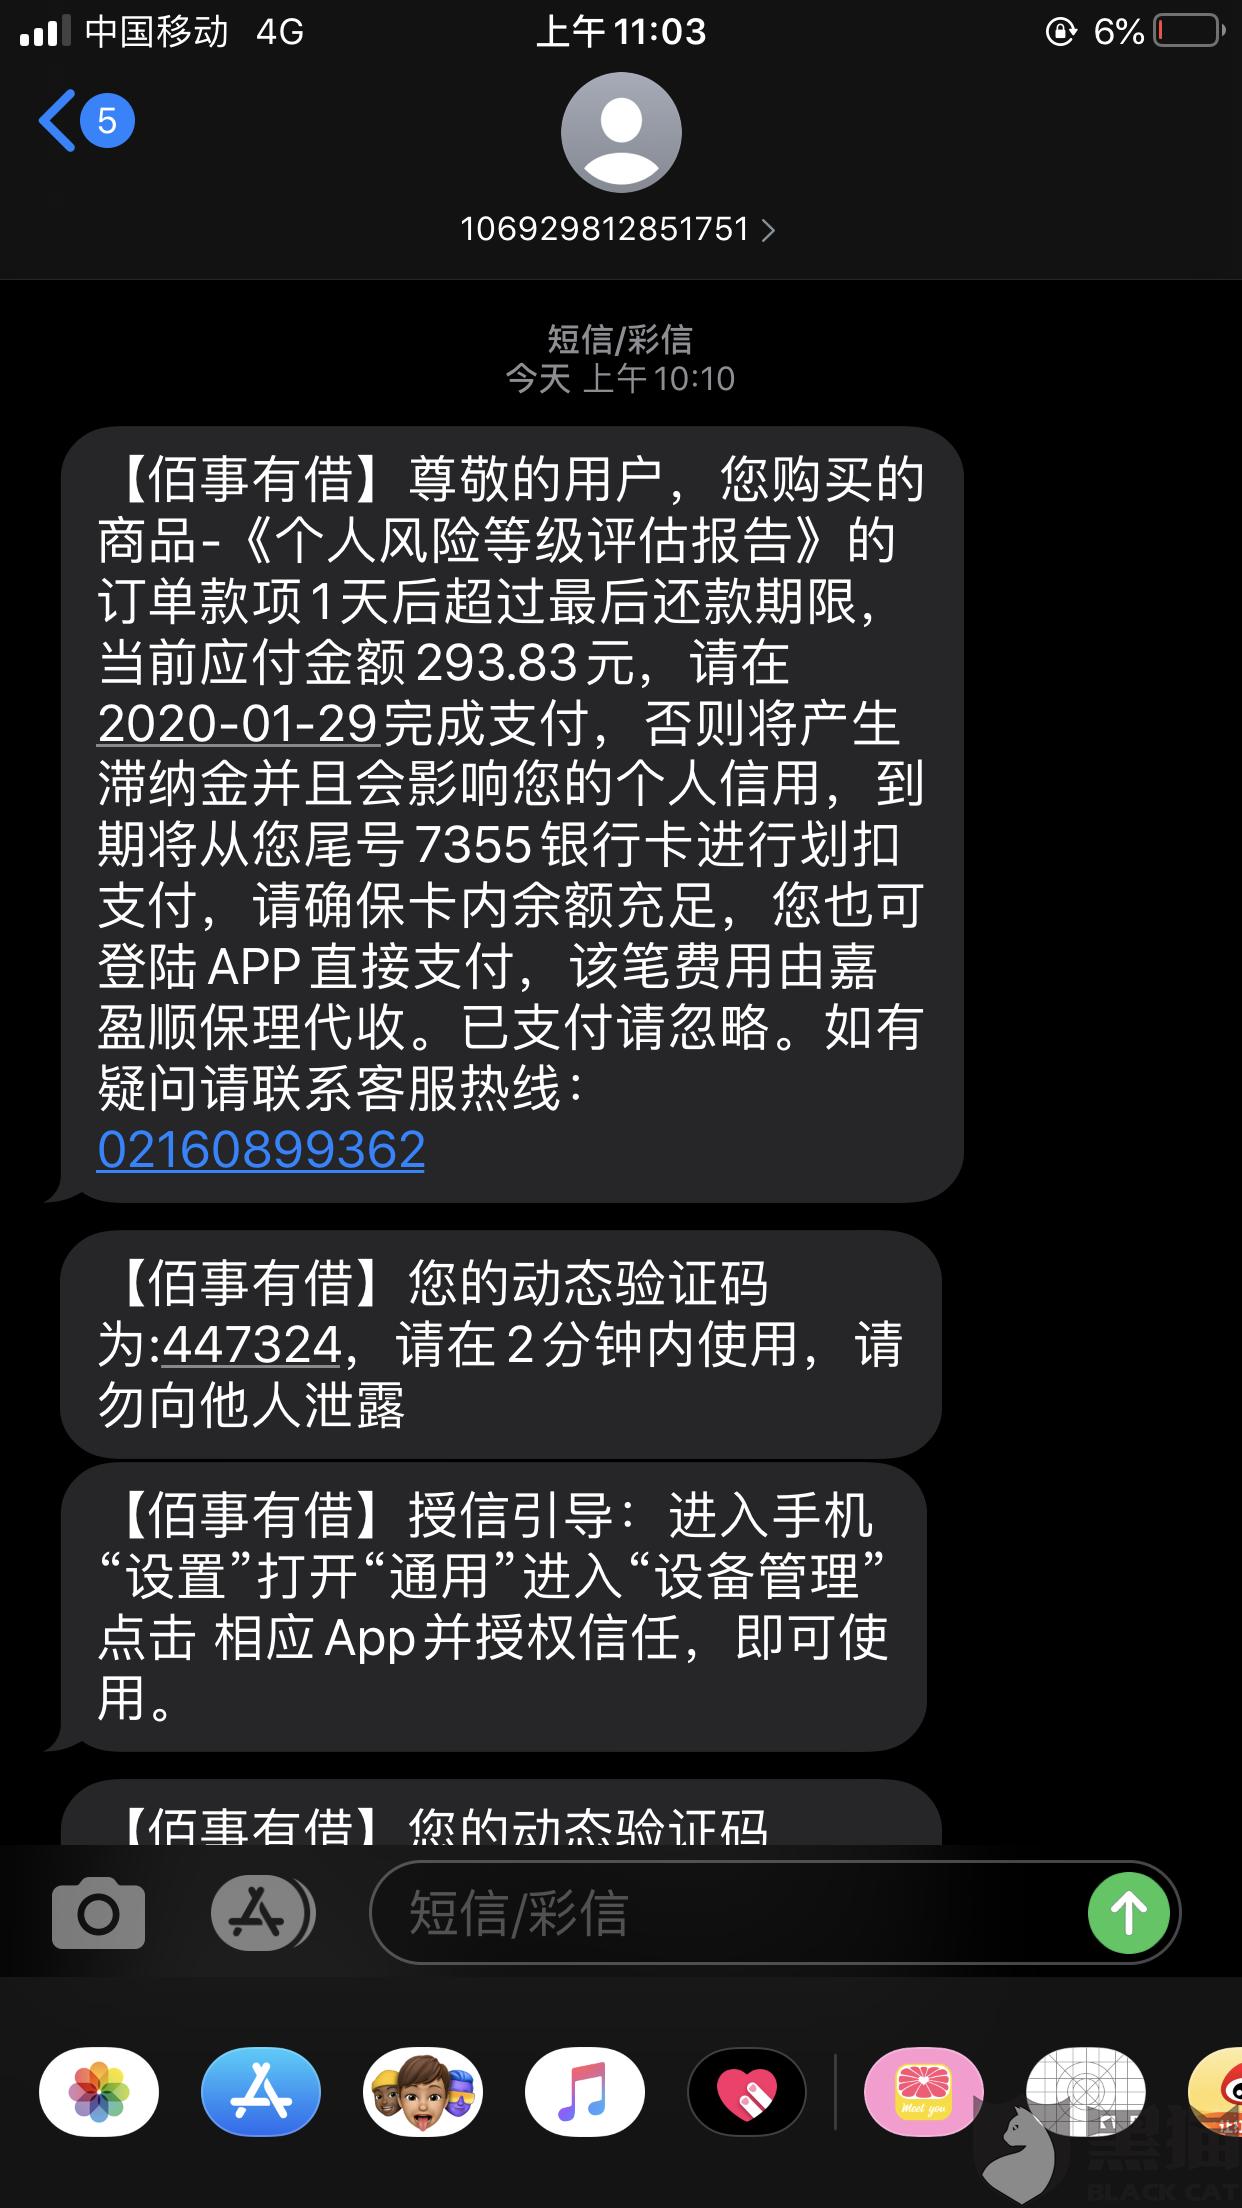 黑猫投诉:1月28我下载了佰事有借,注册填资料后完后就要收我308的评估费